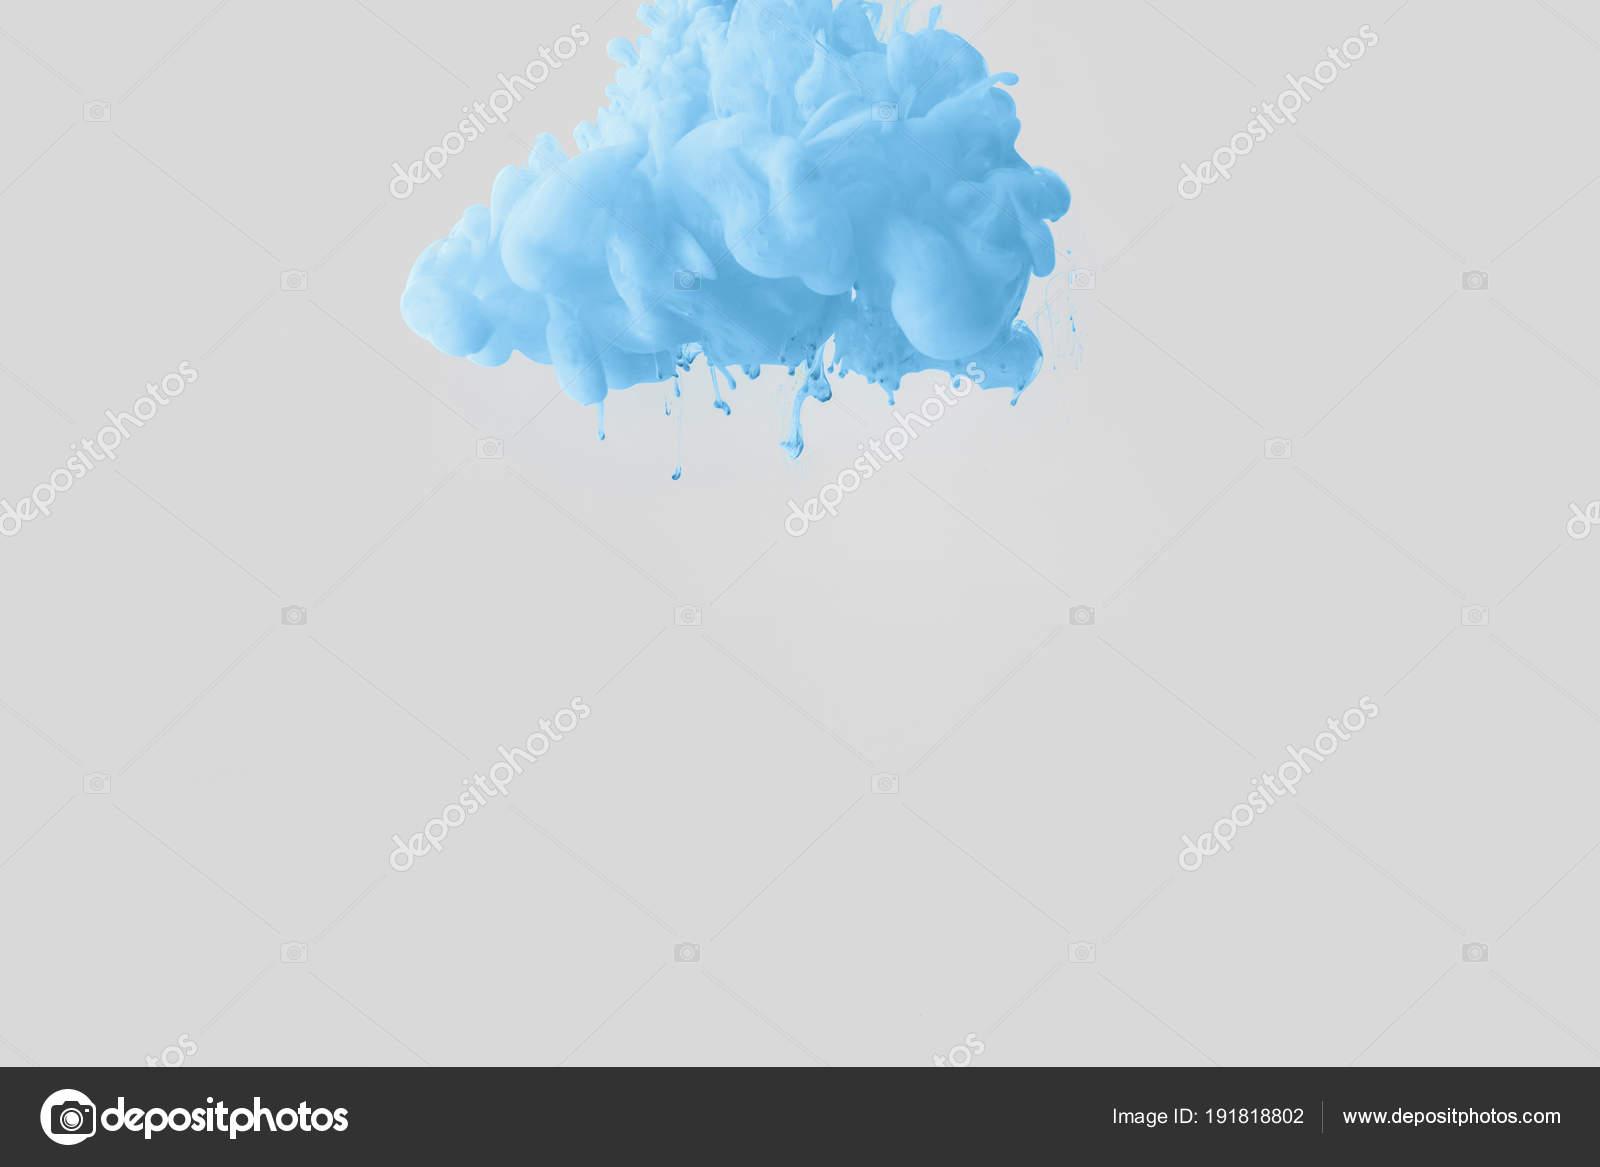 Close van heldere bleke blauwe verf splash water geïsoleerd grijs